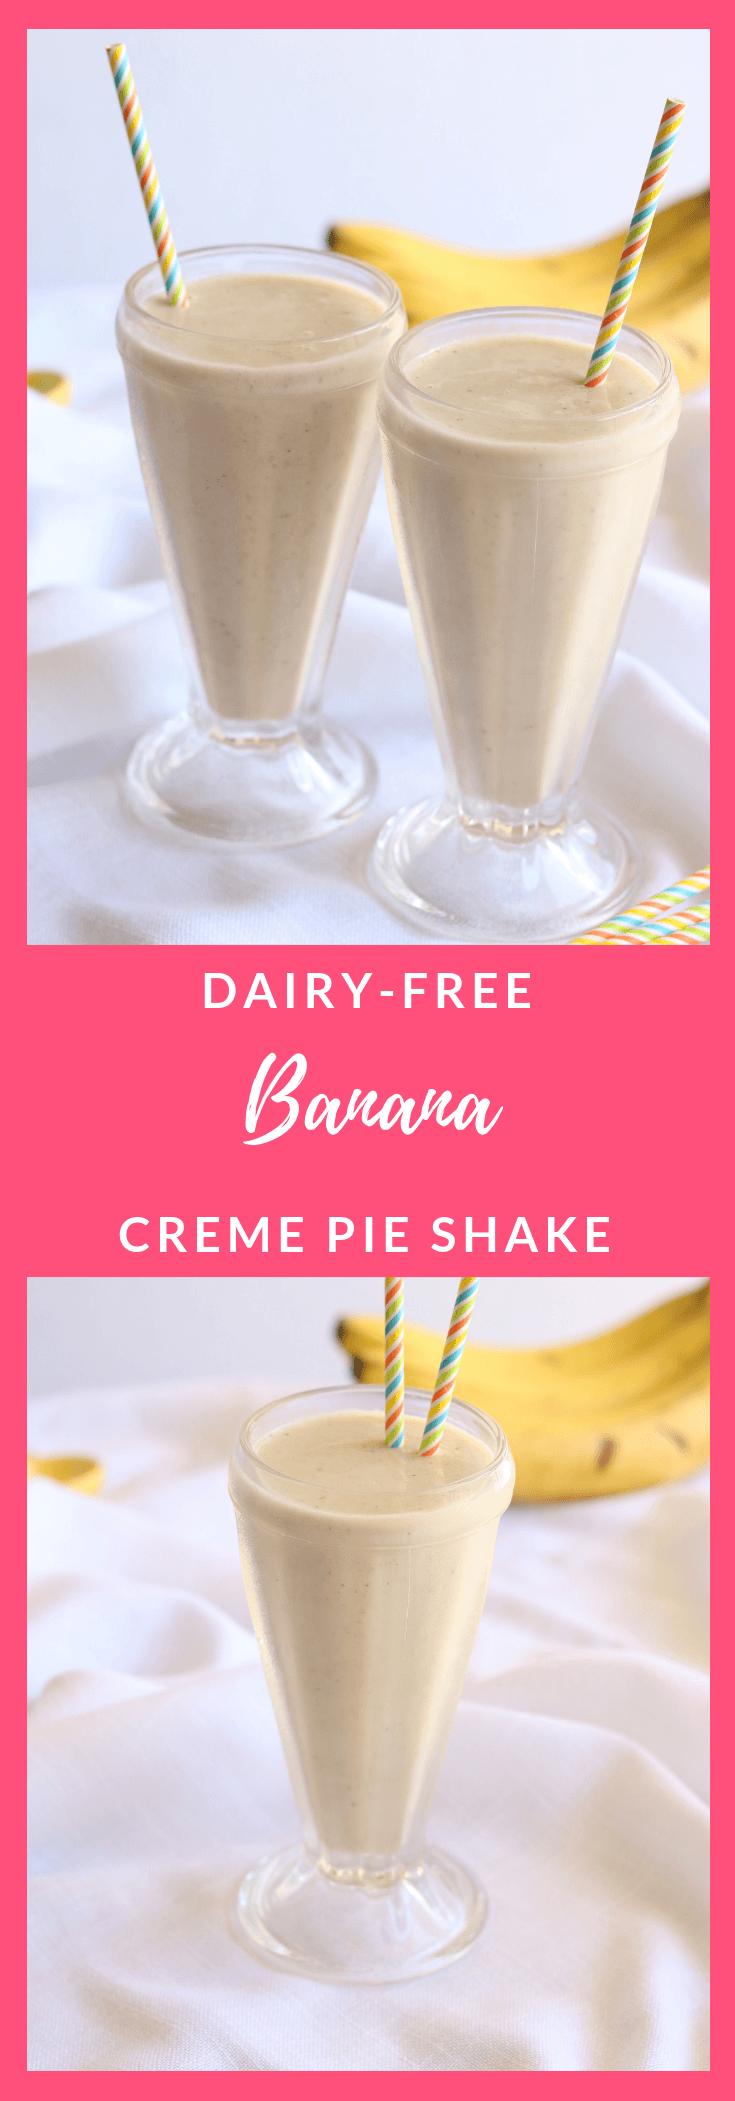 Dairy-Free Banana Cream Pie Shake